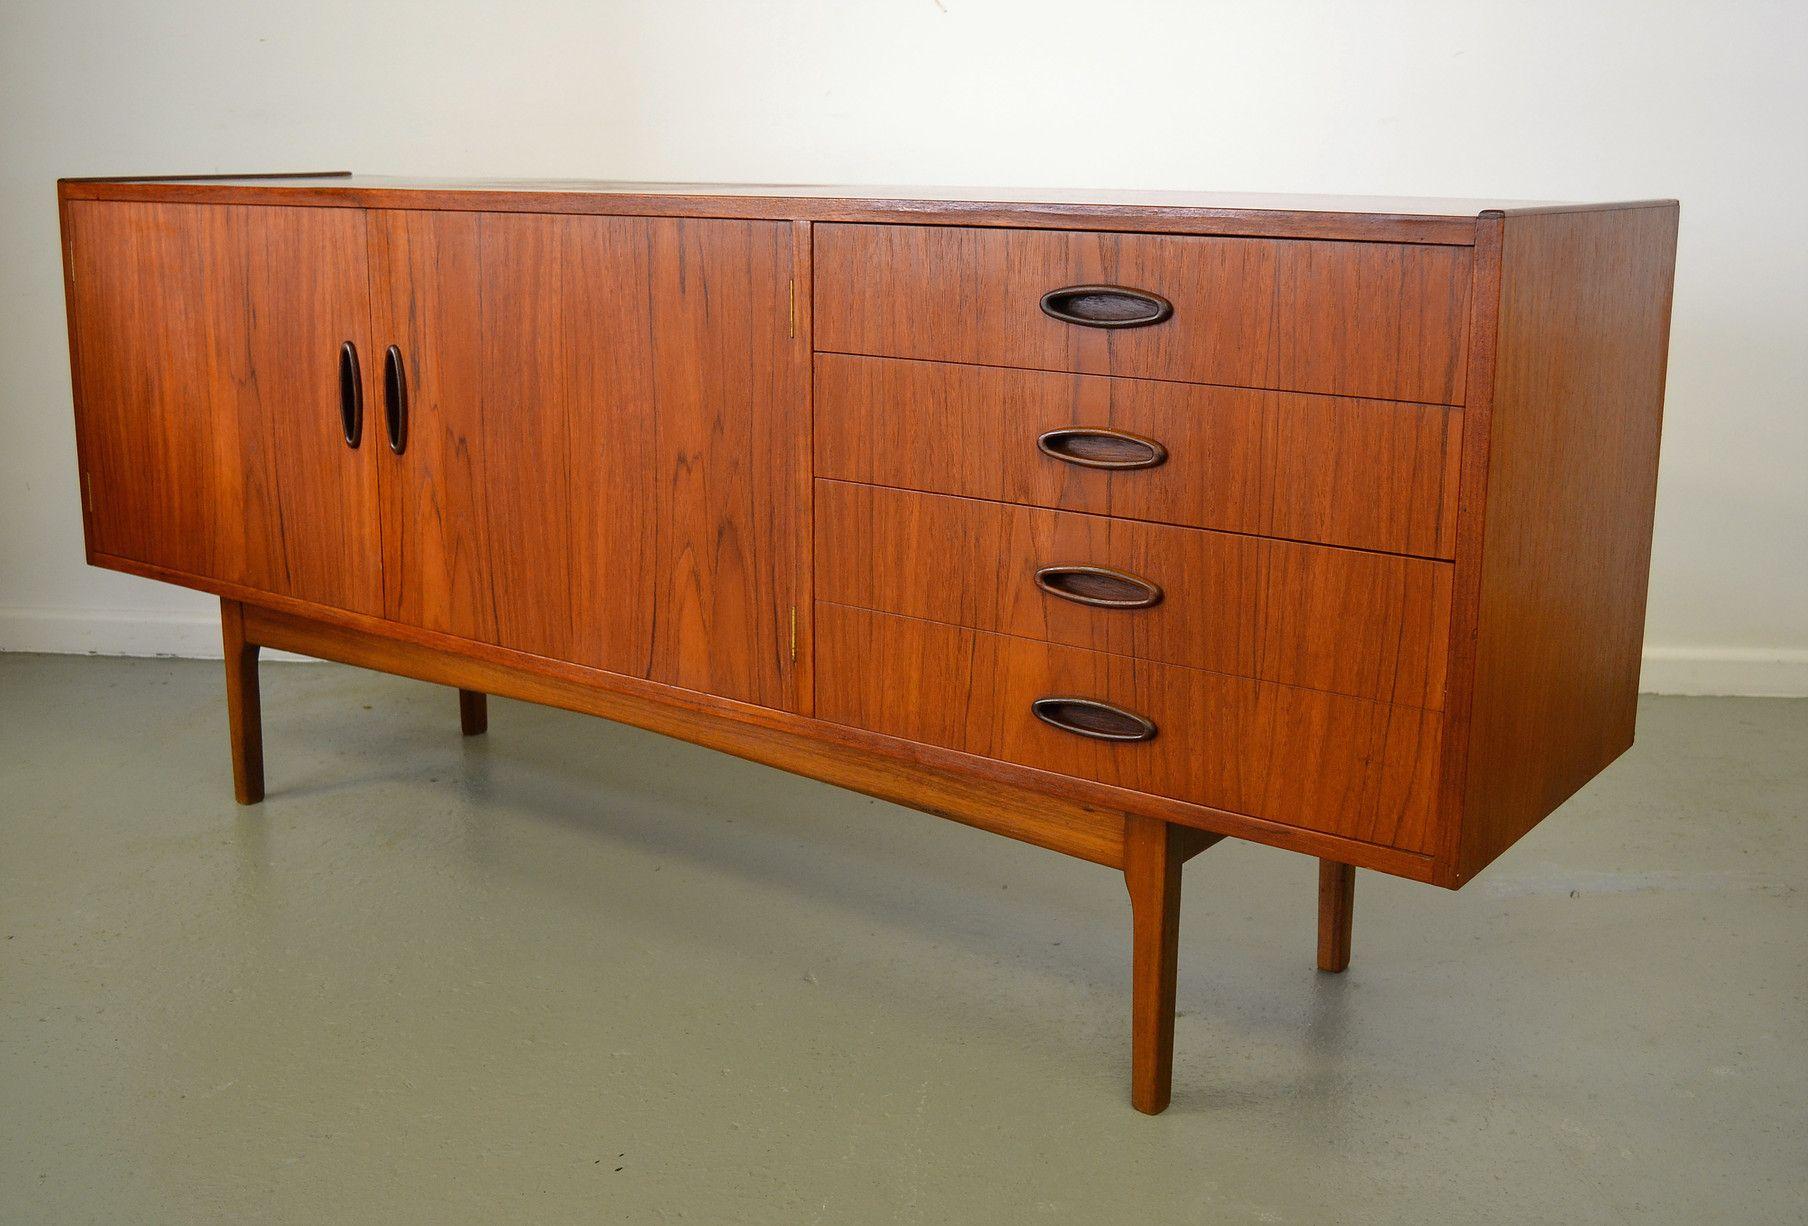 teak retro furniture. Fler 64 Teak Sideboard · SideboardRetro FurnitureFurniture Retro Furniture L